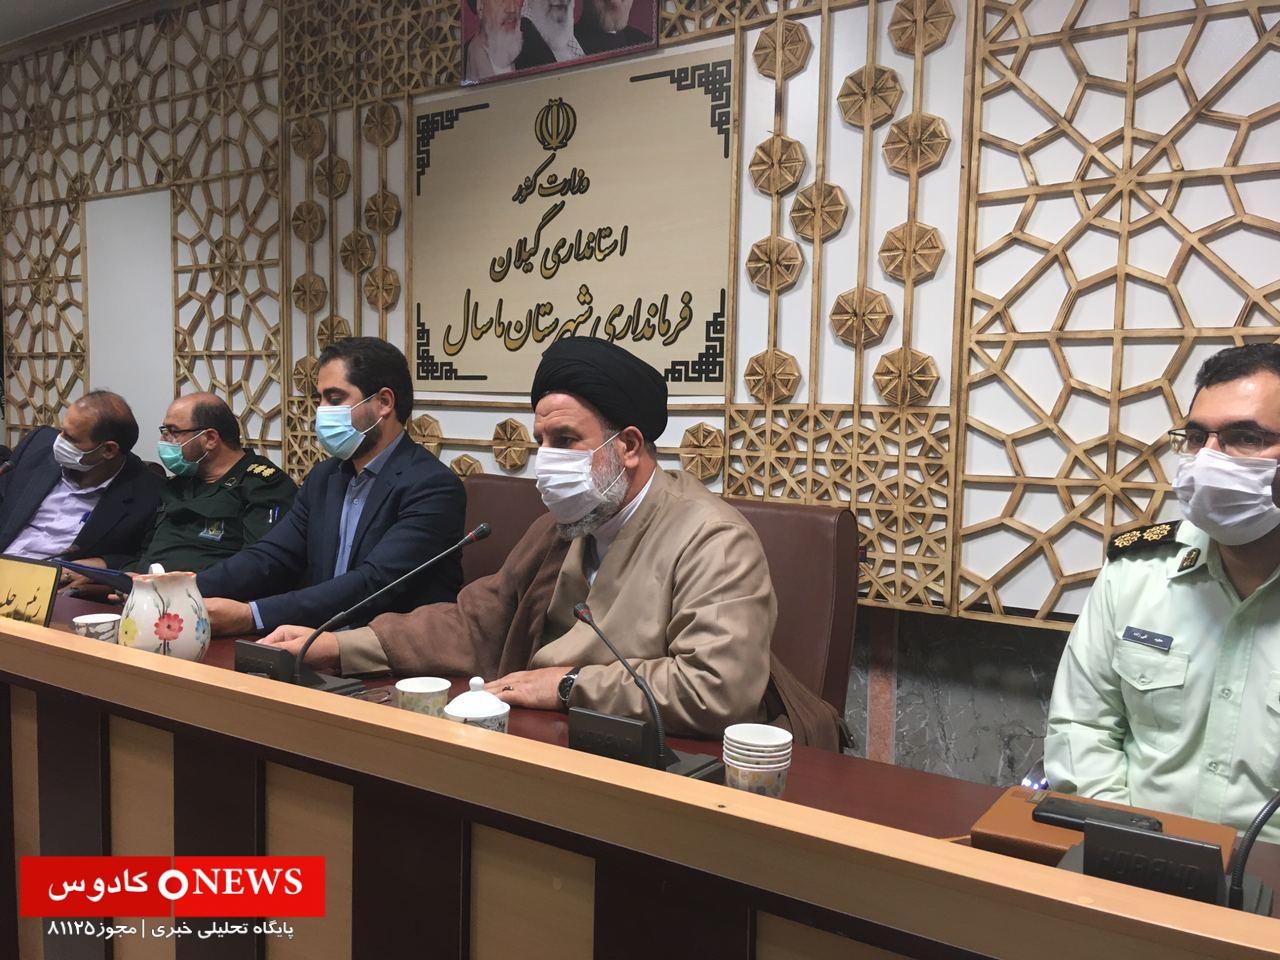 امام جمعه محترم ماسال در کنار انتقاد، راهکارش را بگوید